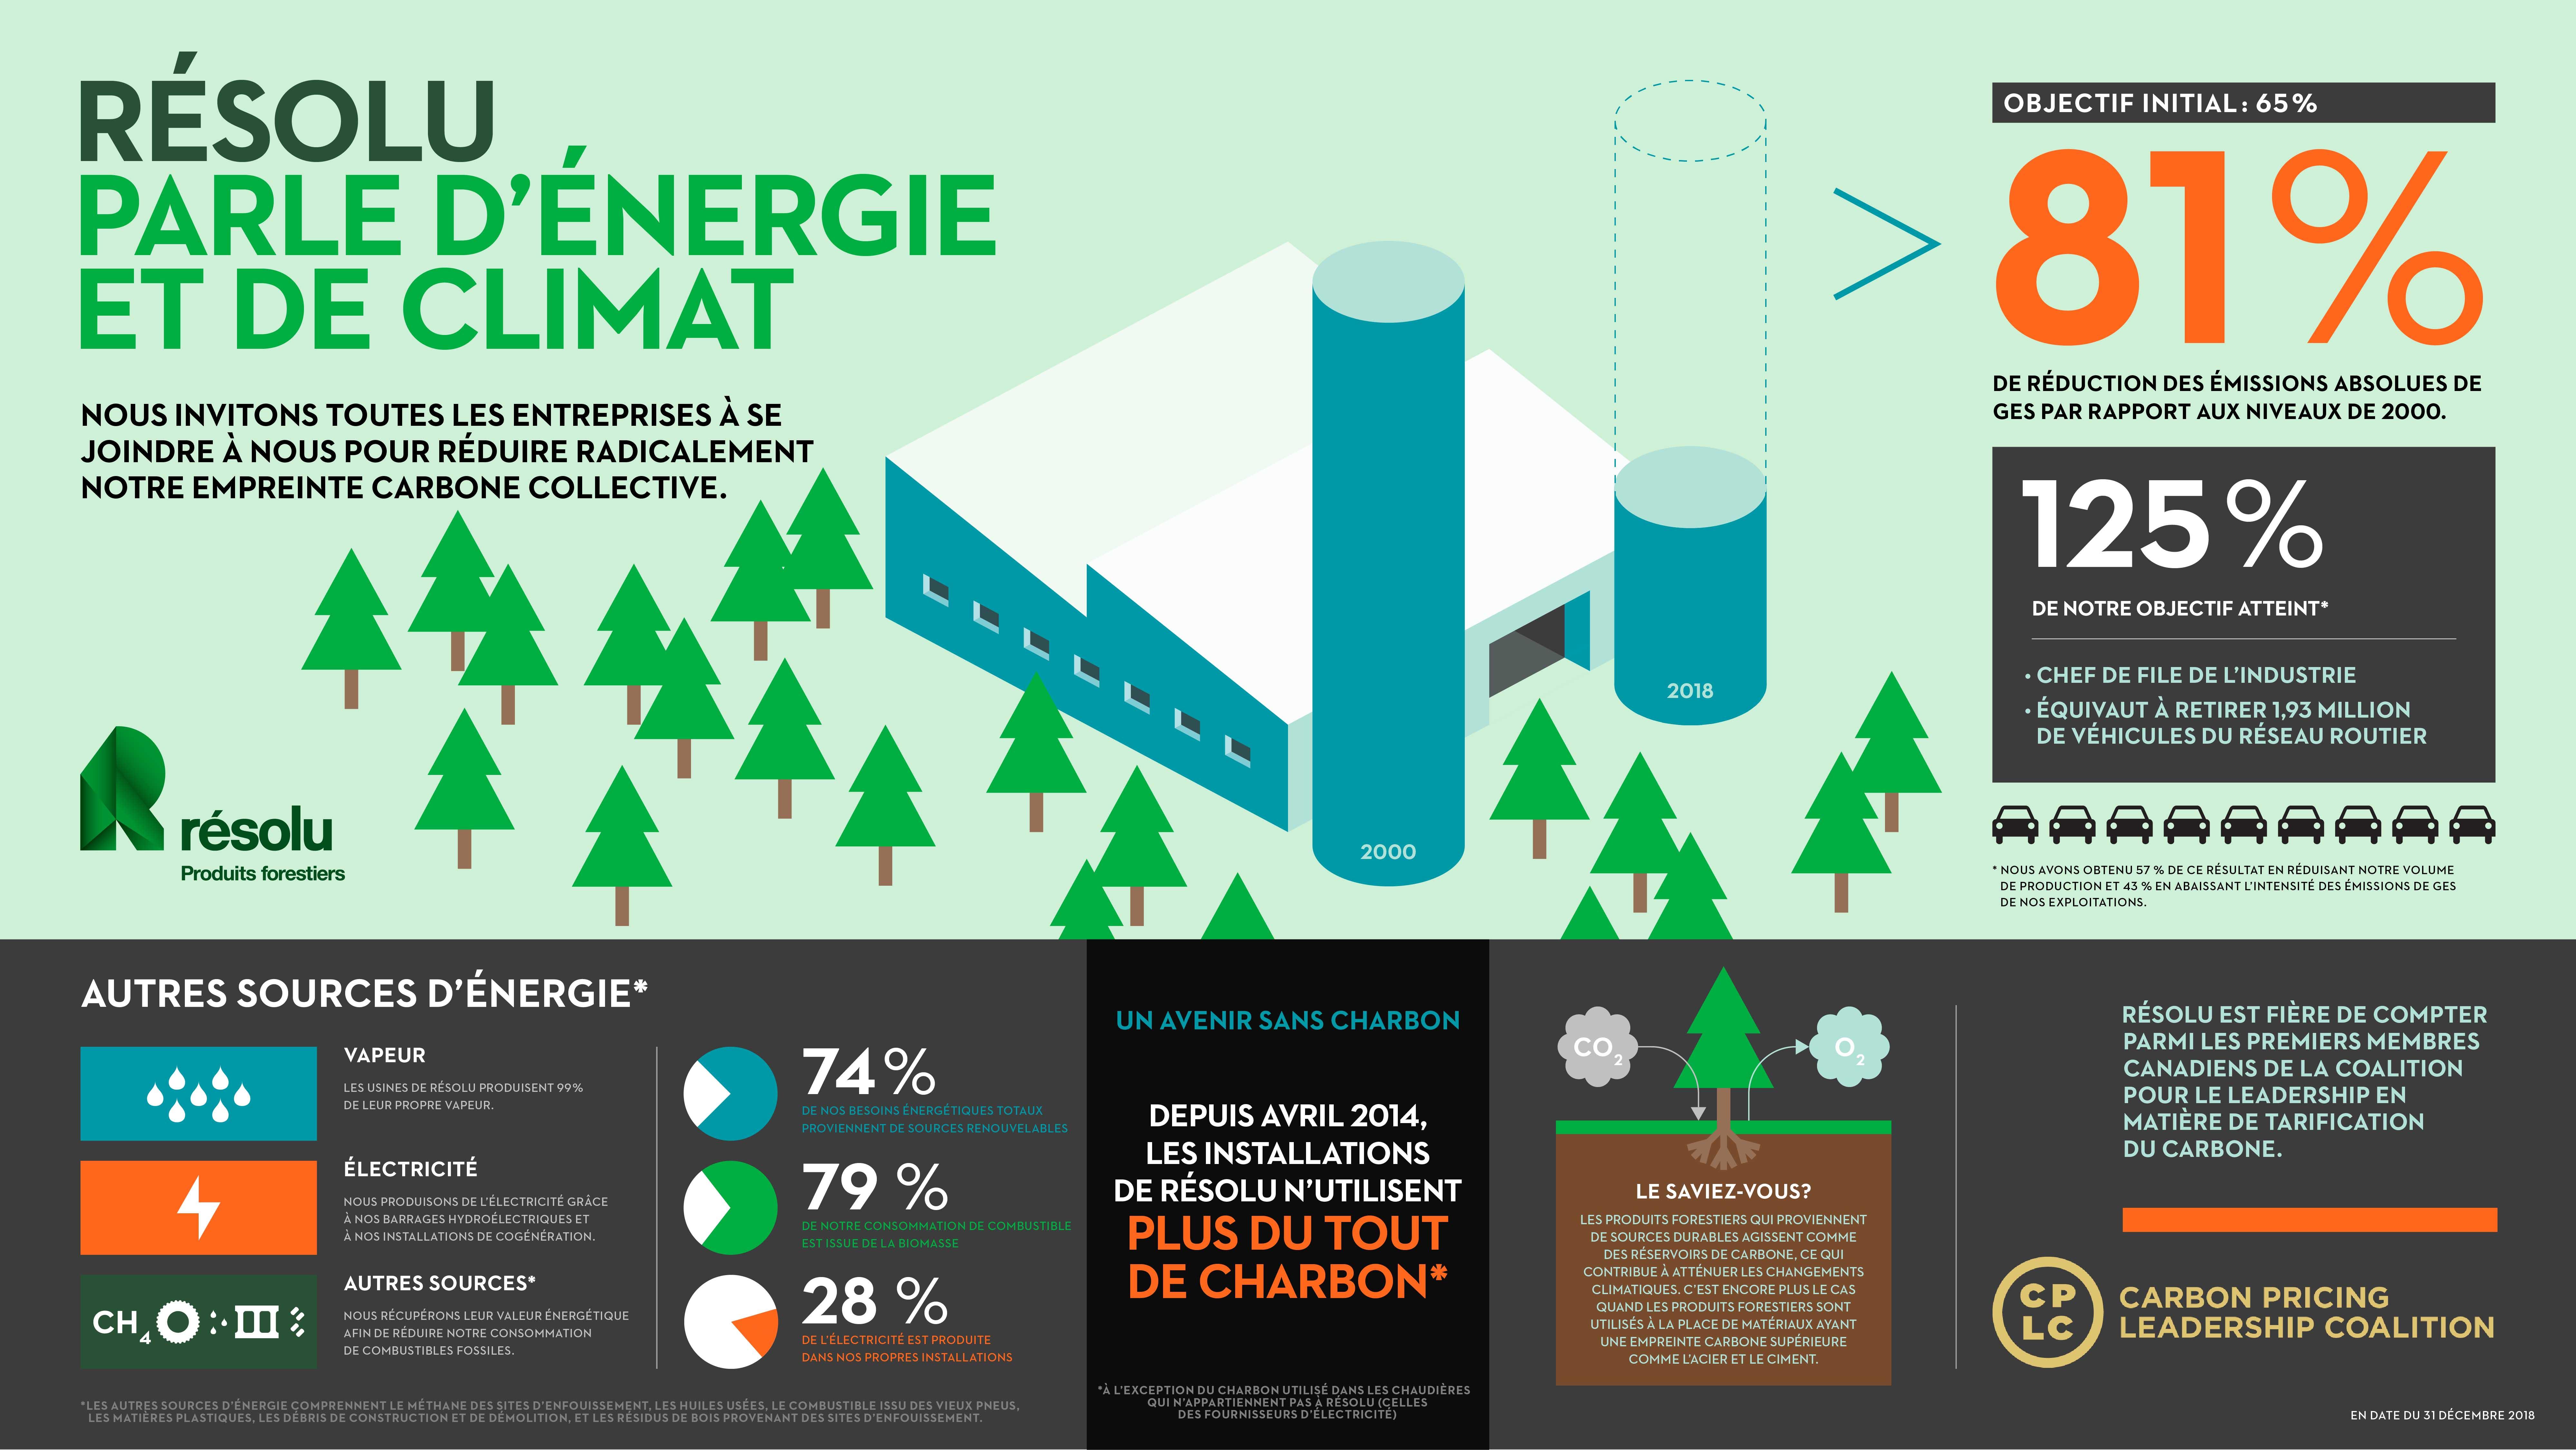 Résolu a réduit ses émissions absolues de gaz à effet de ...